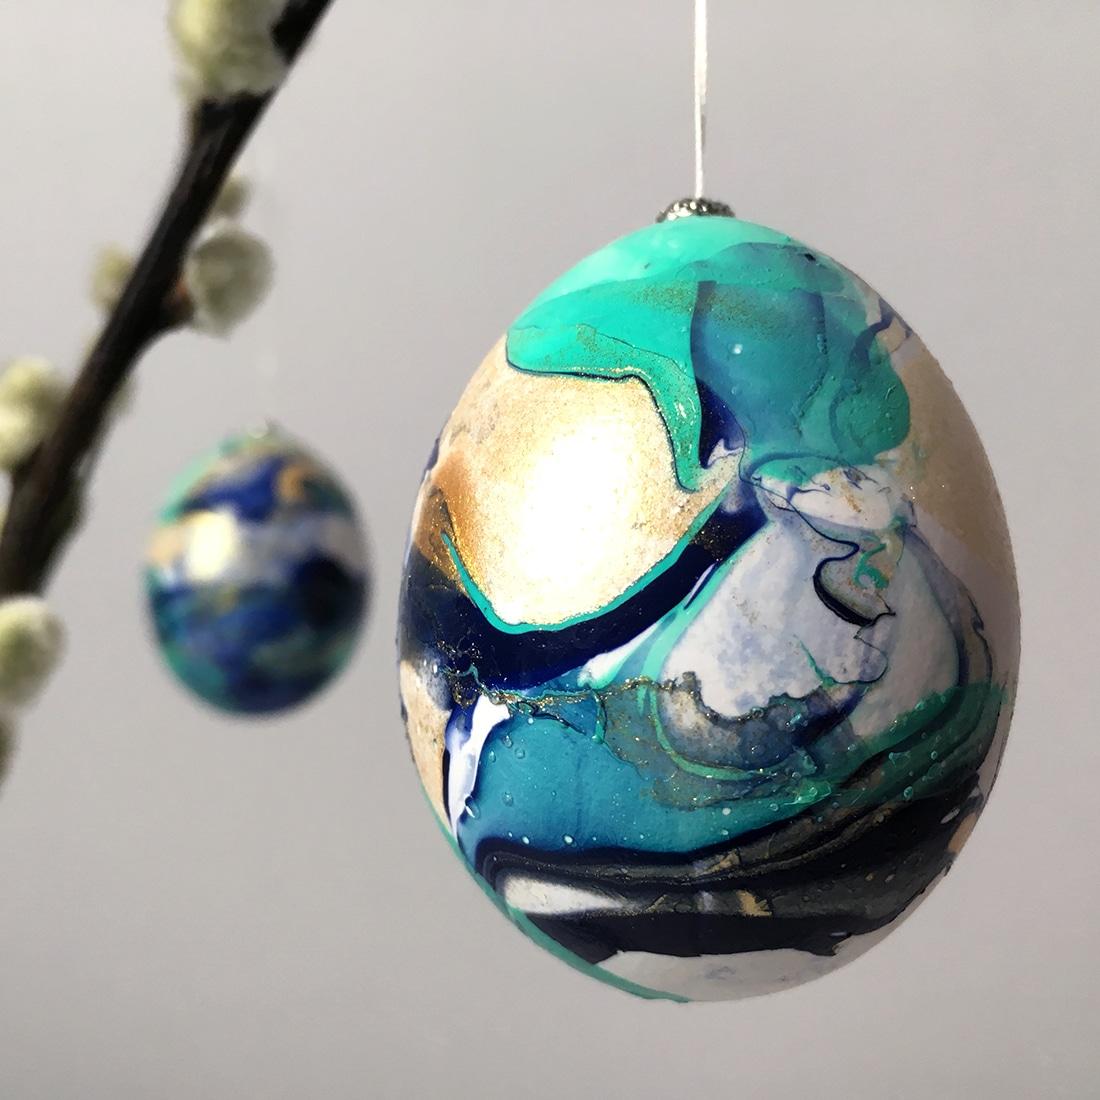 Zwei mit Nagellack marmorierte Eier an Weidenkaetzchen